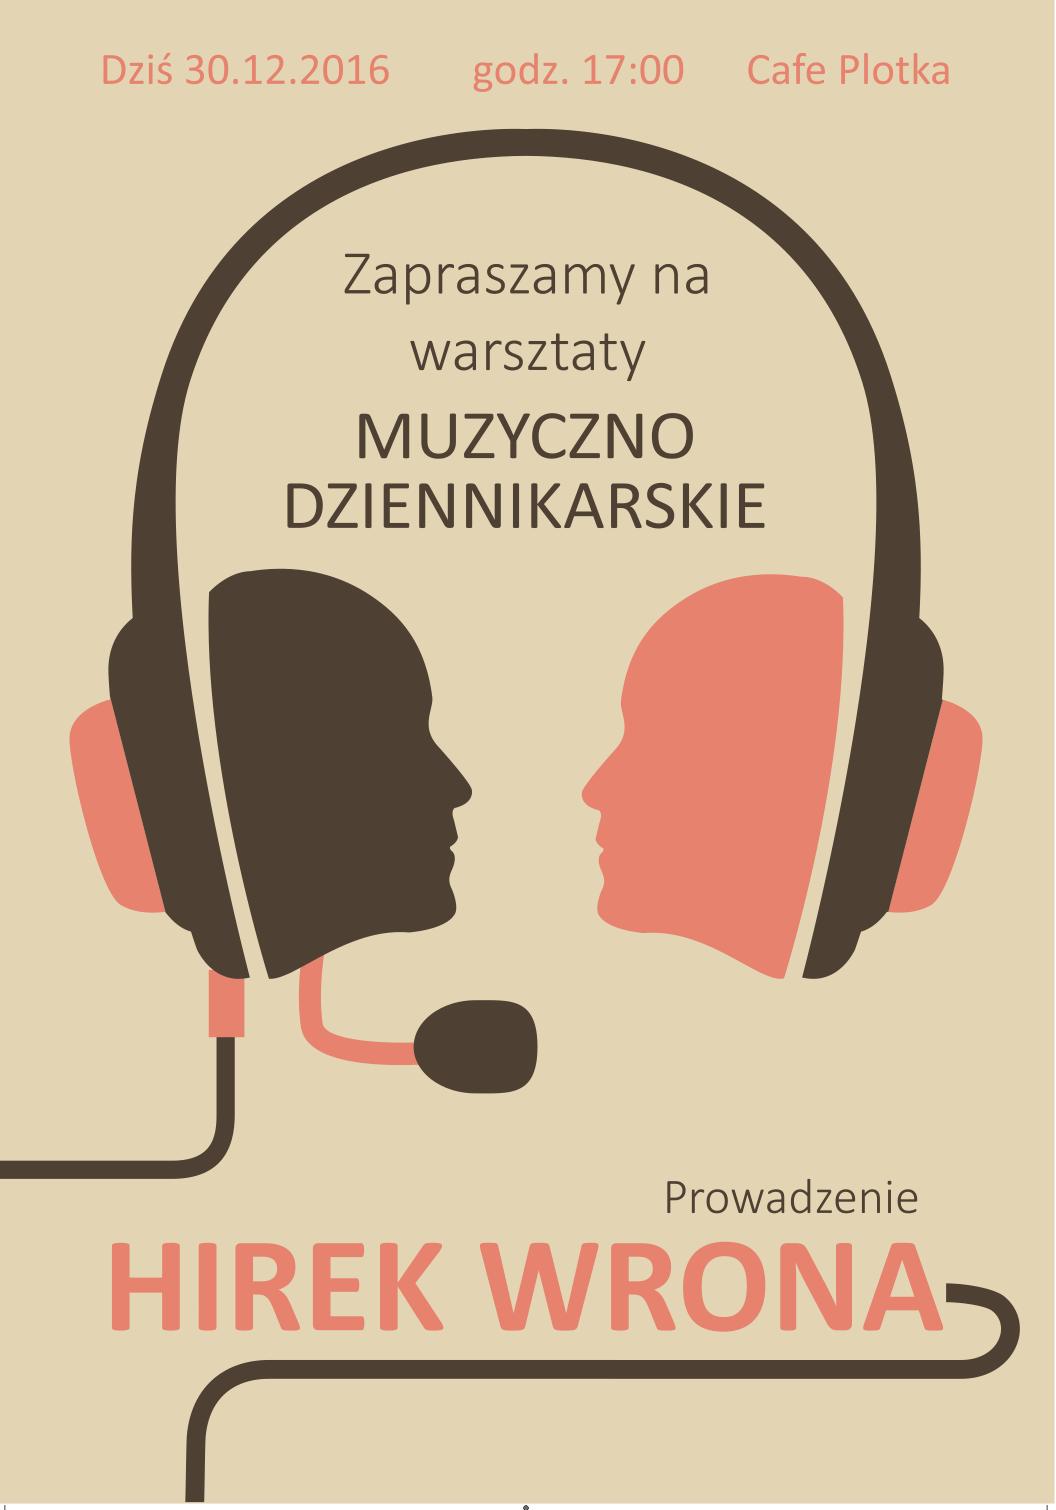 Hirek Wrona – warsztaty muzyczno-dziennikarskie